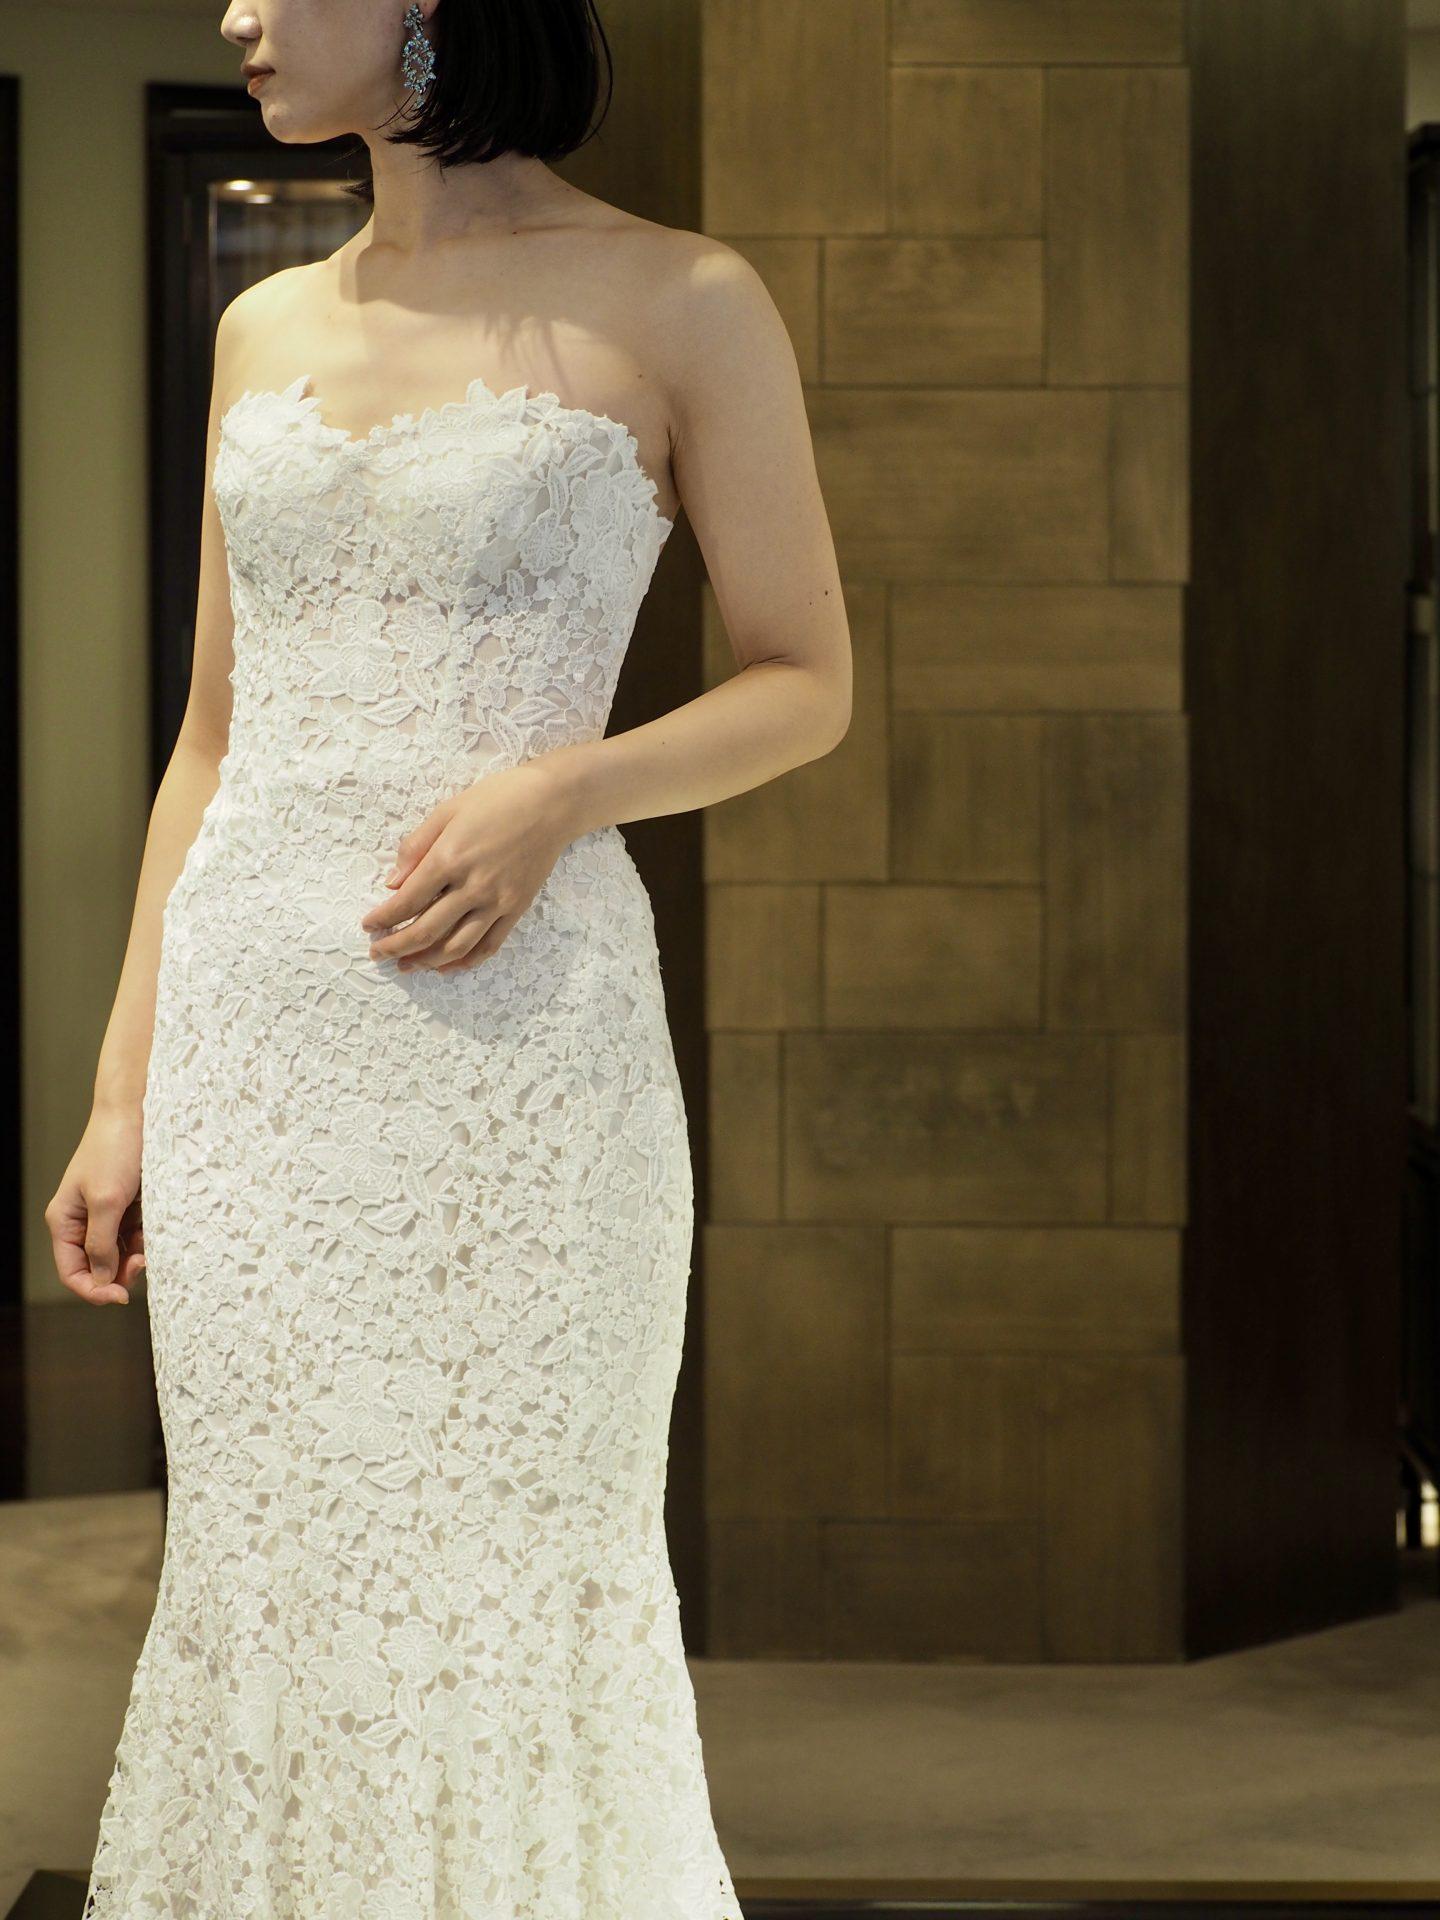 トリートドレッシング神戸店にてお取り扱いのある女性らしいシルエットが綺麗なマーメイドドレスのご紹介